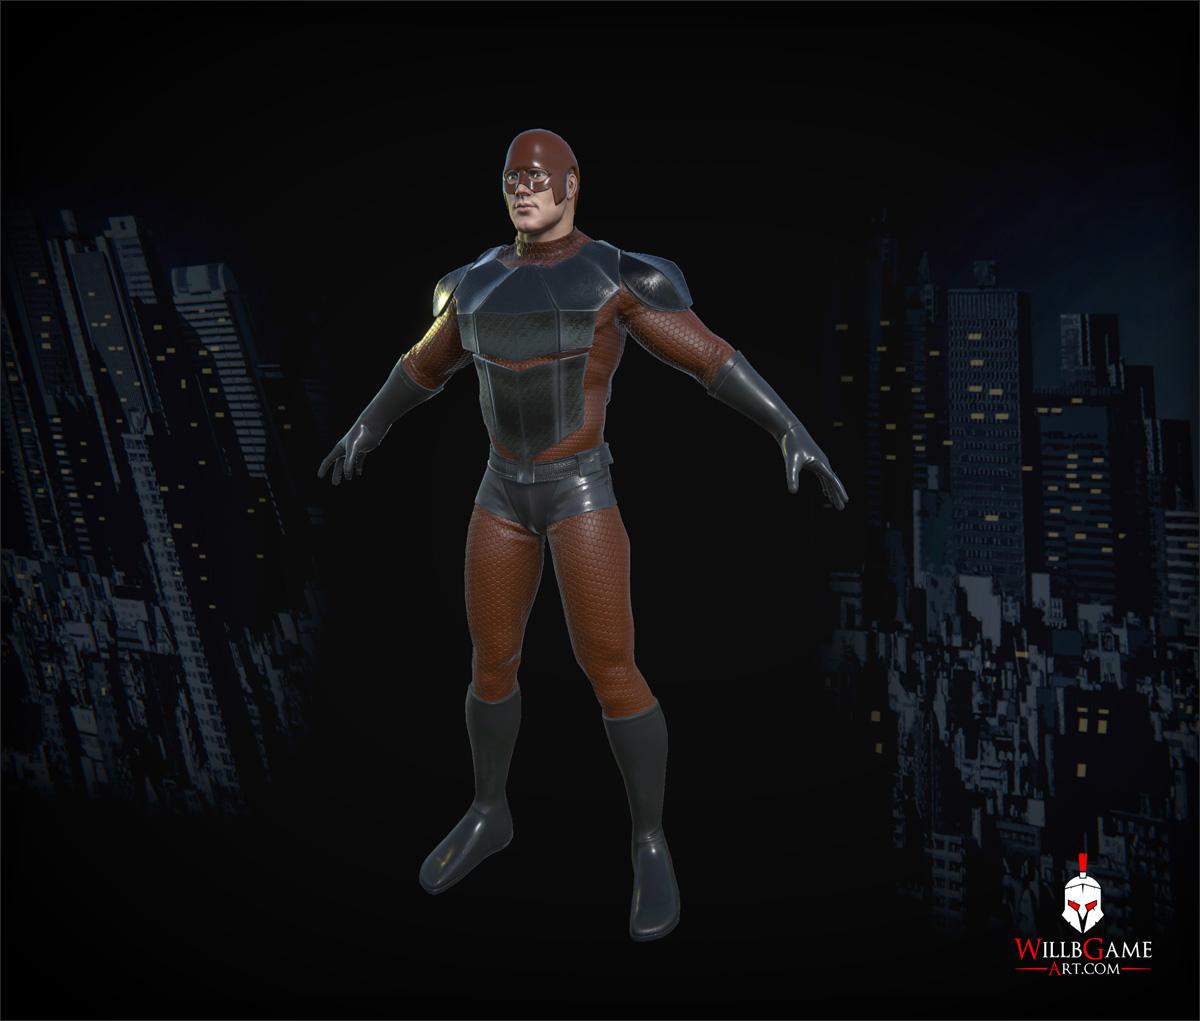 Superhero02.jpg